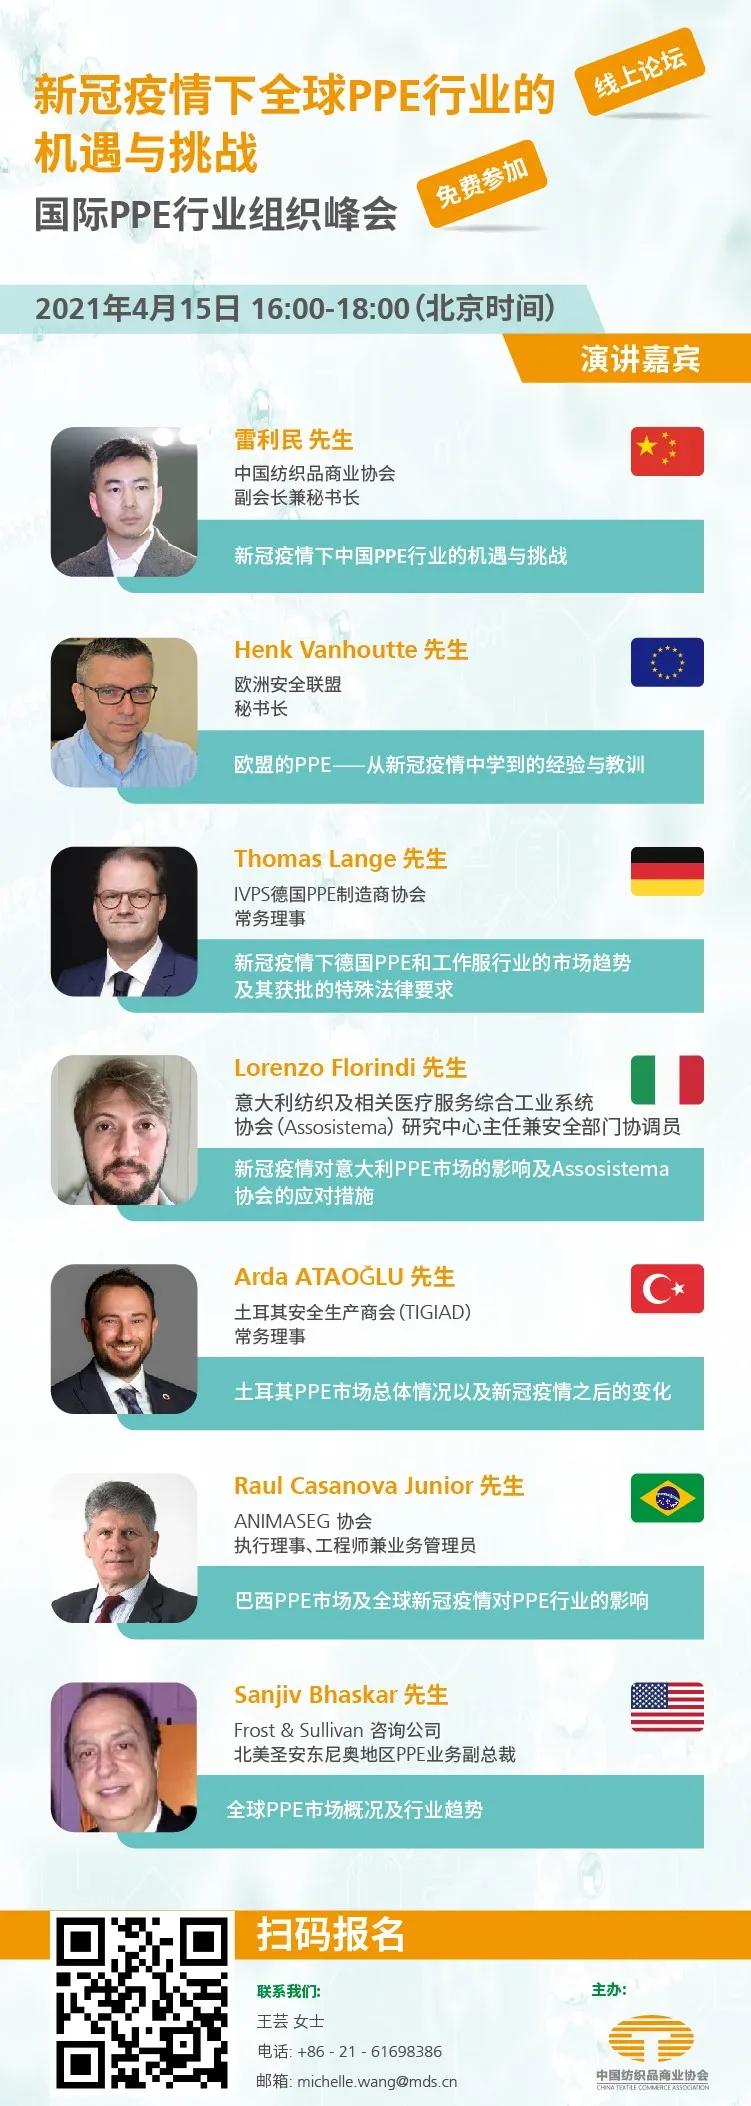 线上论坛丨国际PPE行业组织峰会来了,报名通道开启